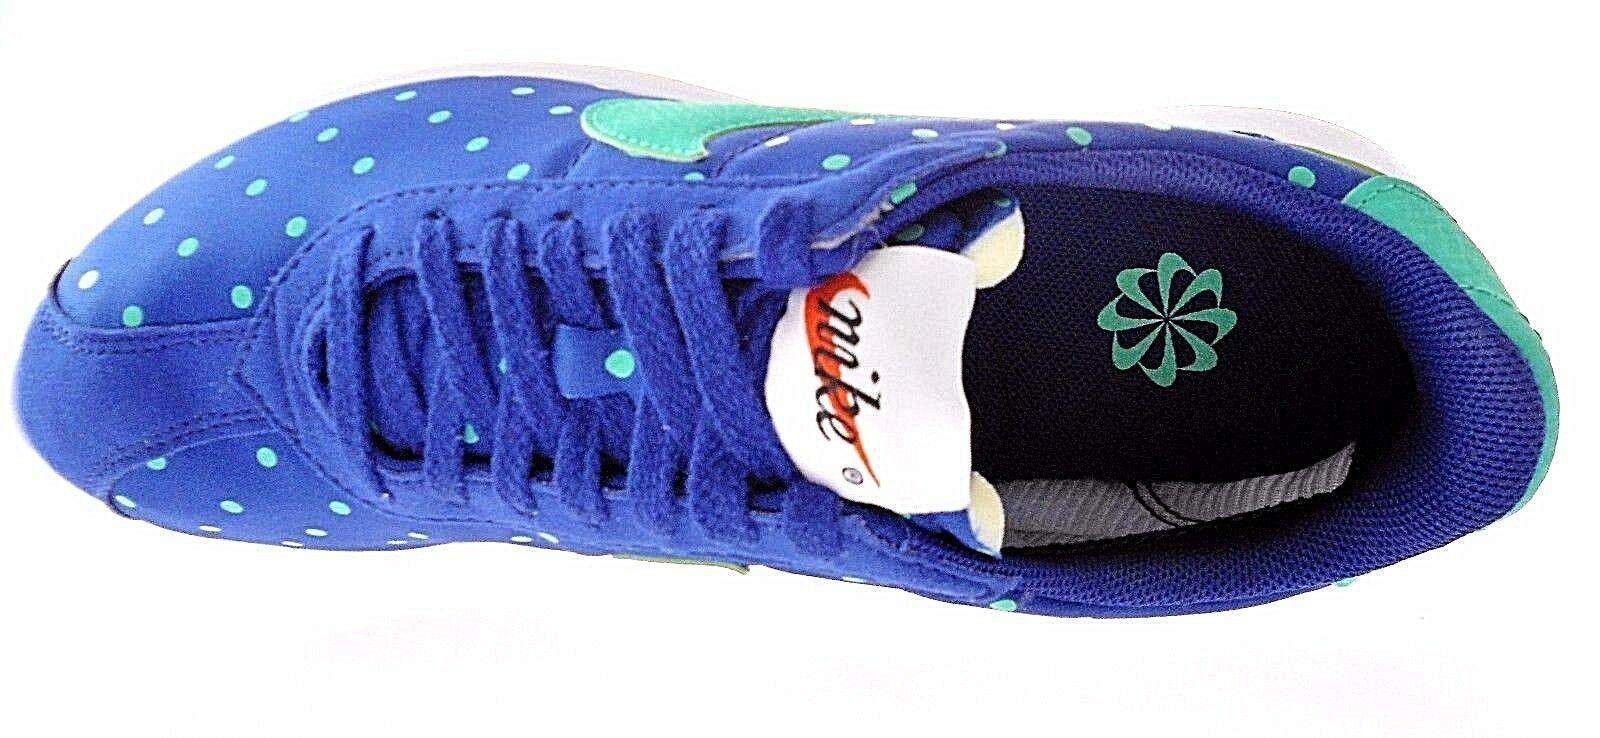 NIKE W ROSHE LD-1000 POLKA DOT PRINT WOMEN'S ROYAL BLUE SNEAKERS#810861-431$110.